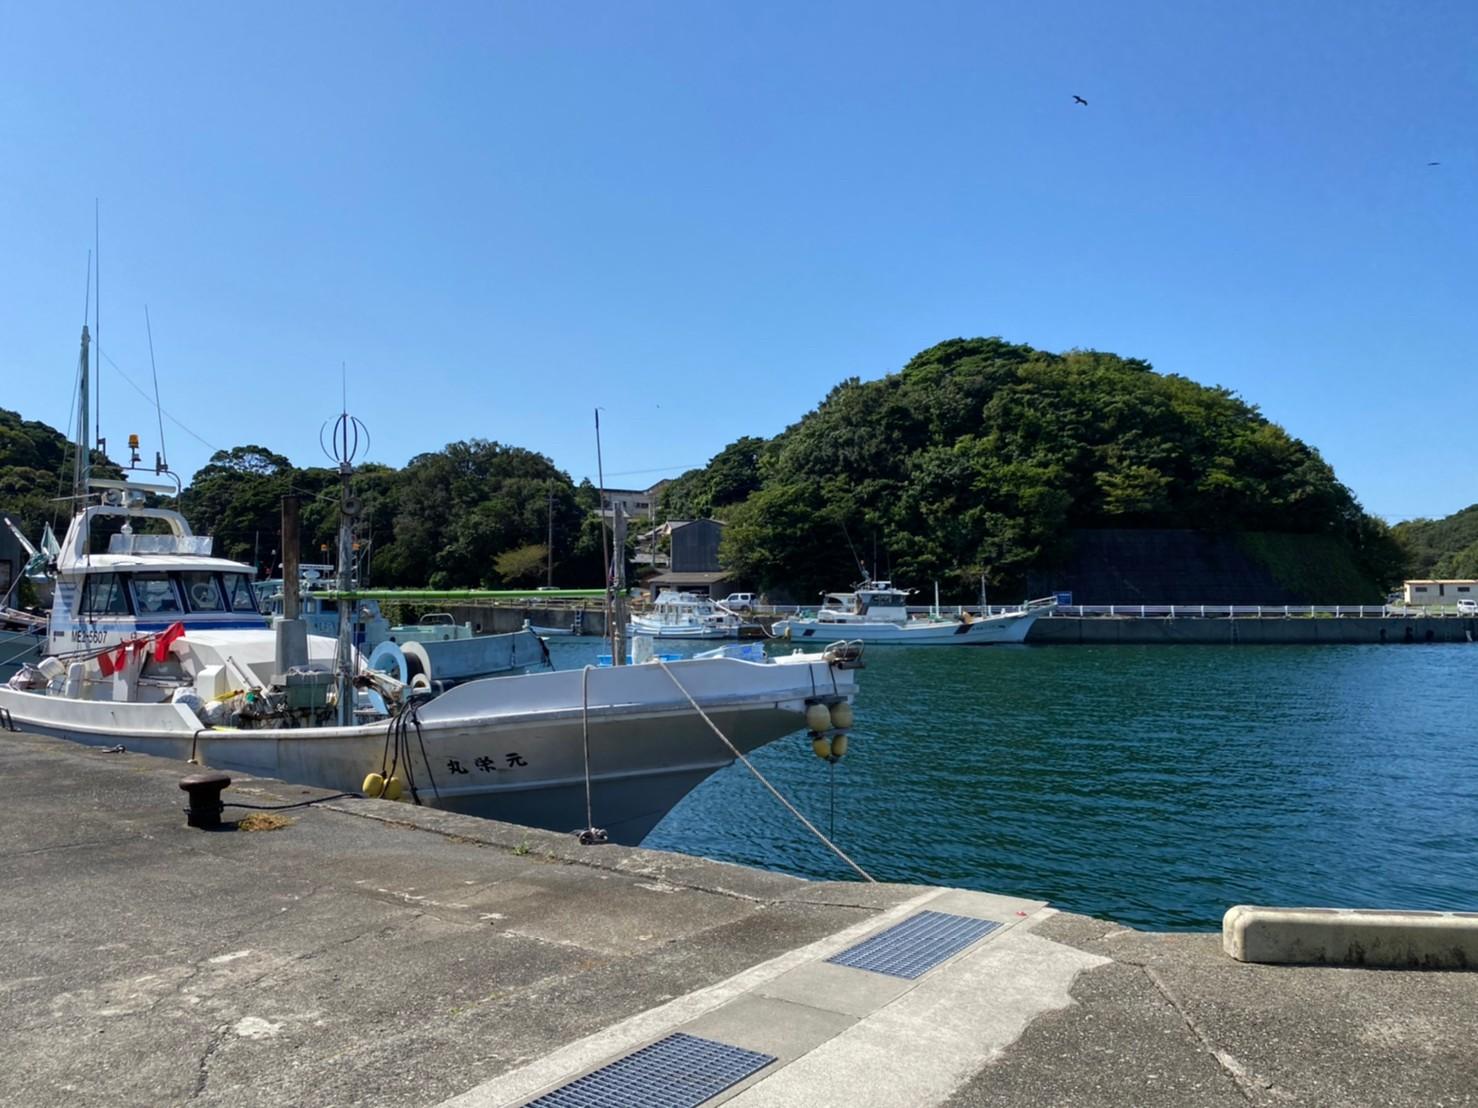 【三重県志摩市】『安乗漁港』の海釣りガイド(釣れる魚・駐車場・トイレ)